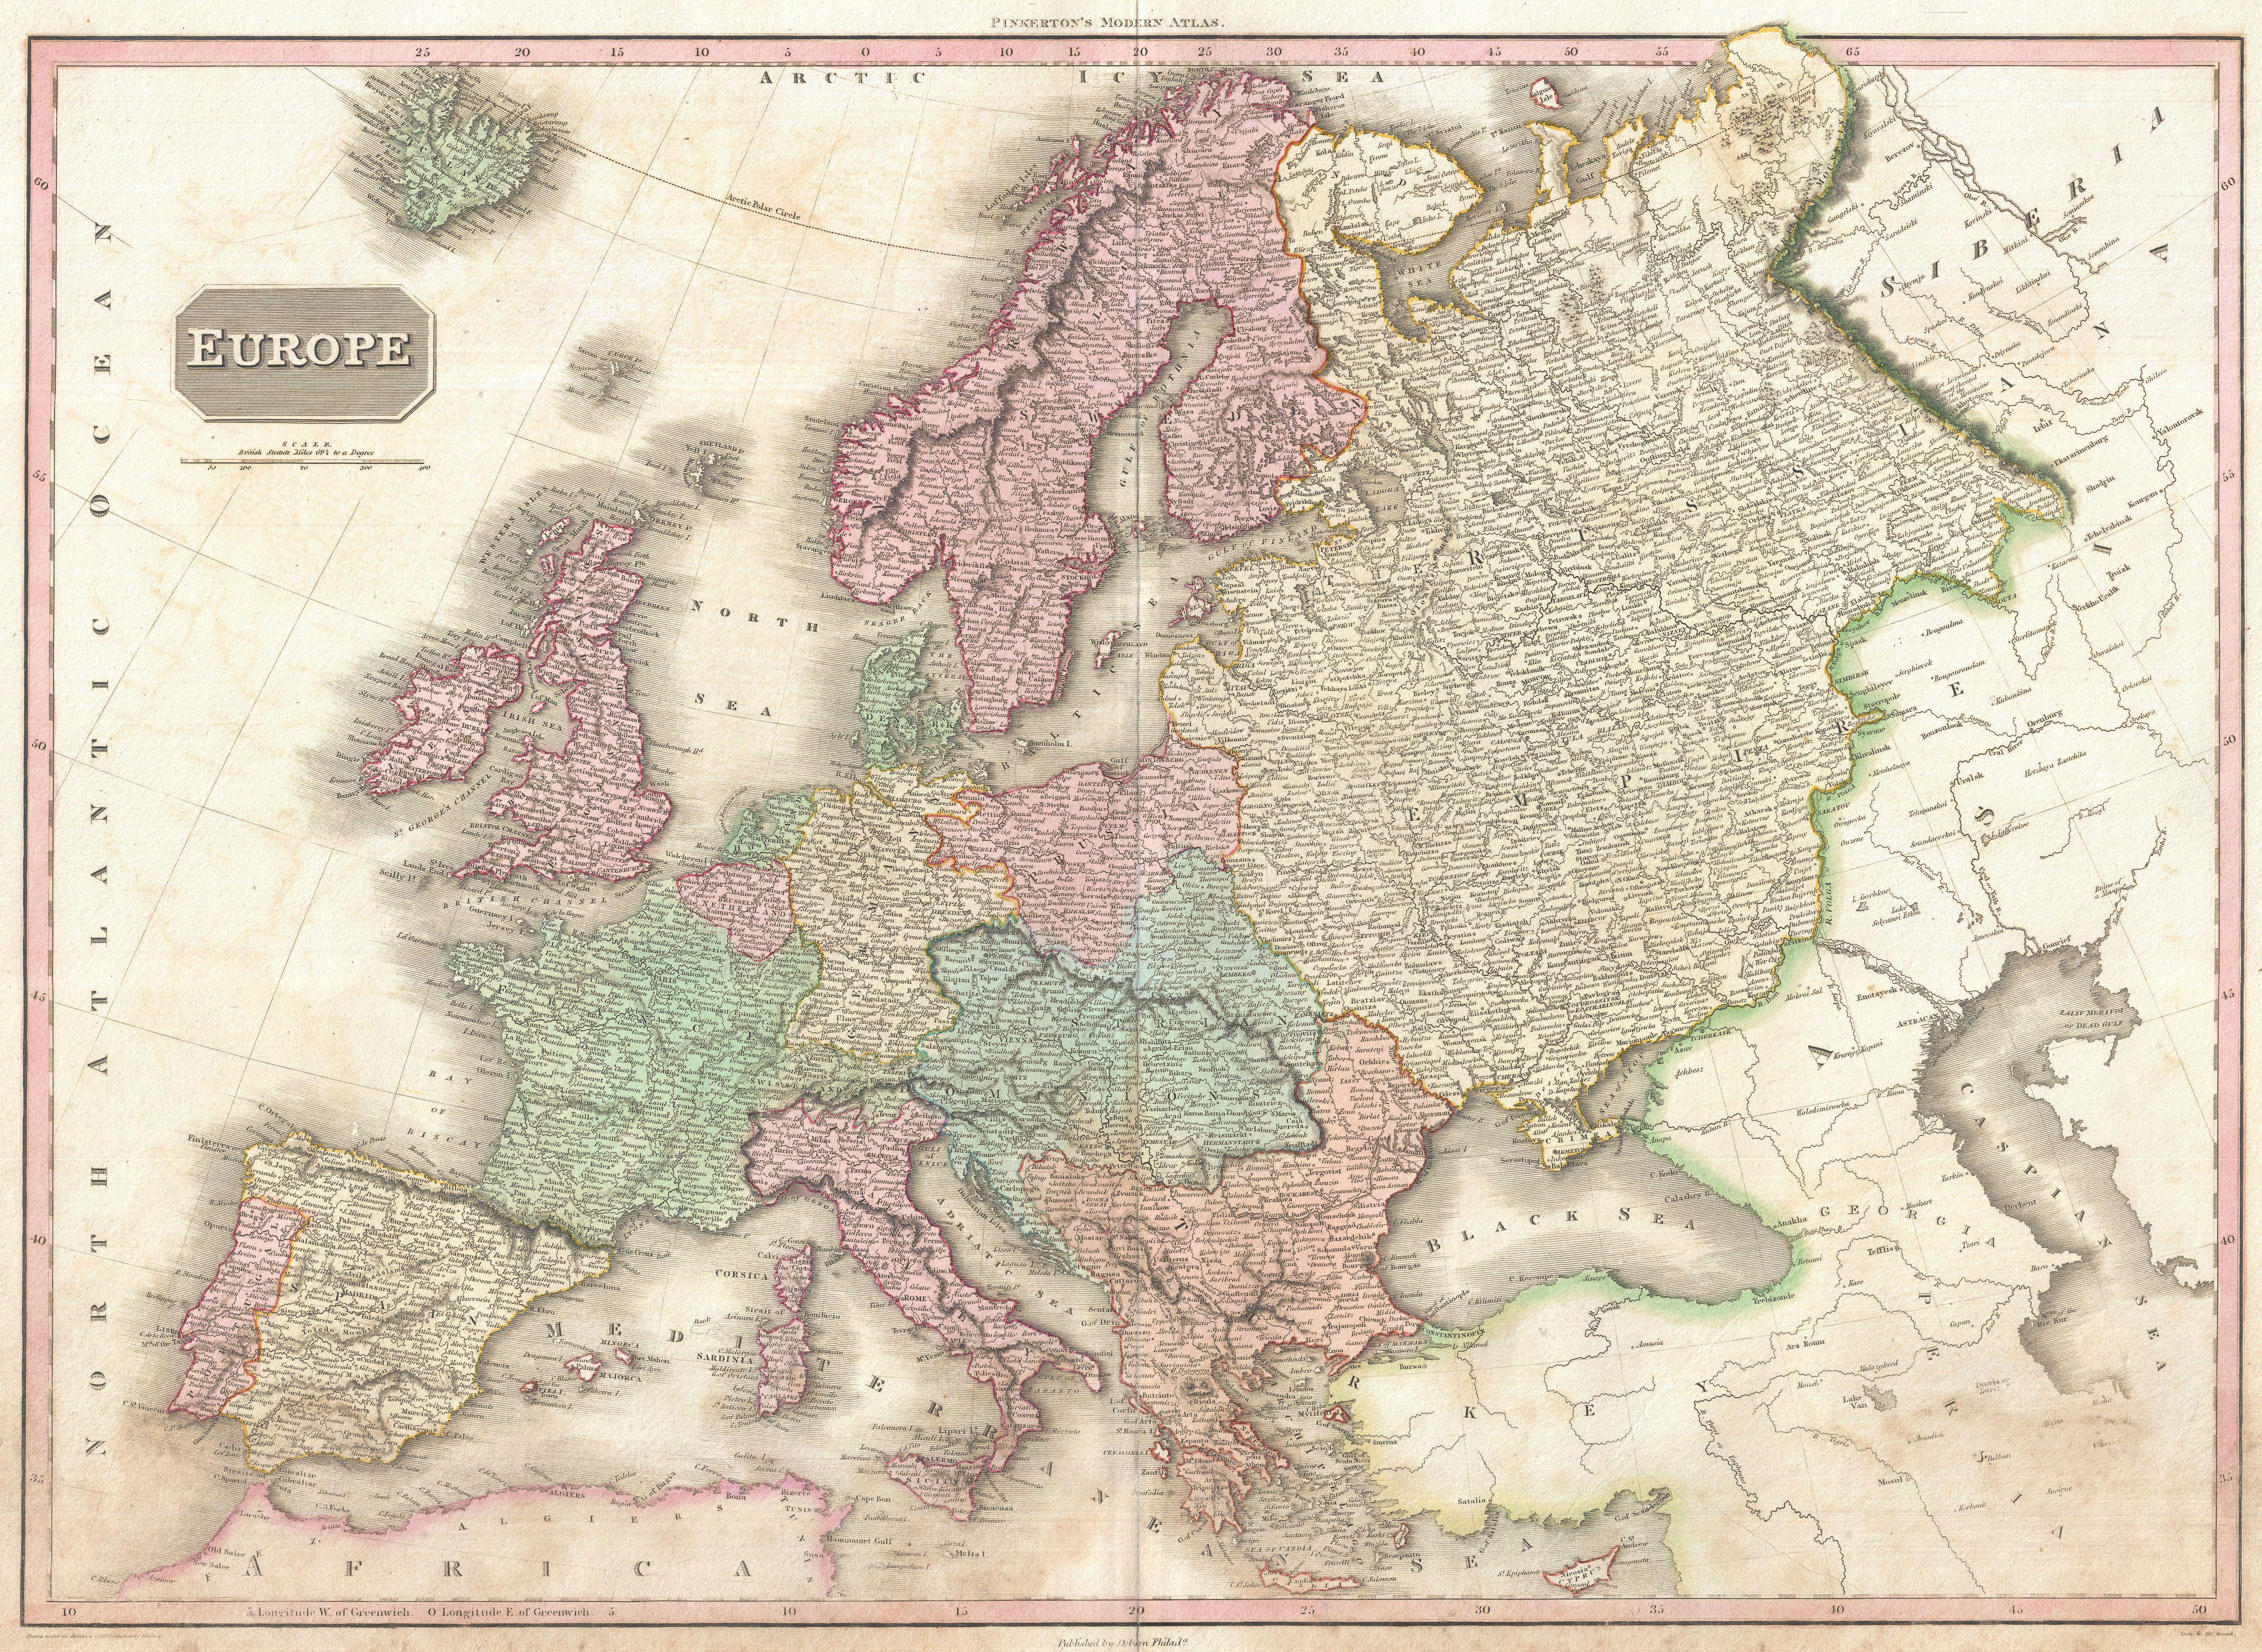 File:1818 Pinkerton Map of of Europe - Geographicus - Europe-pinkerton-1818